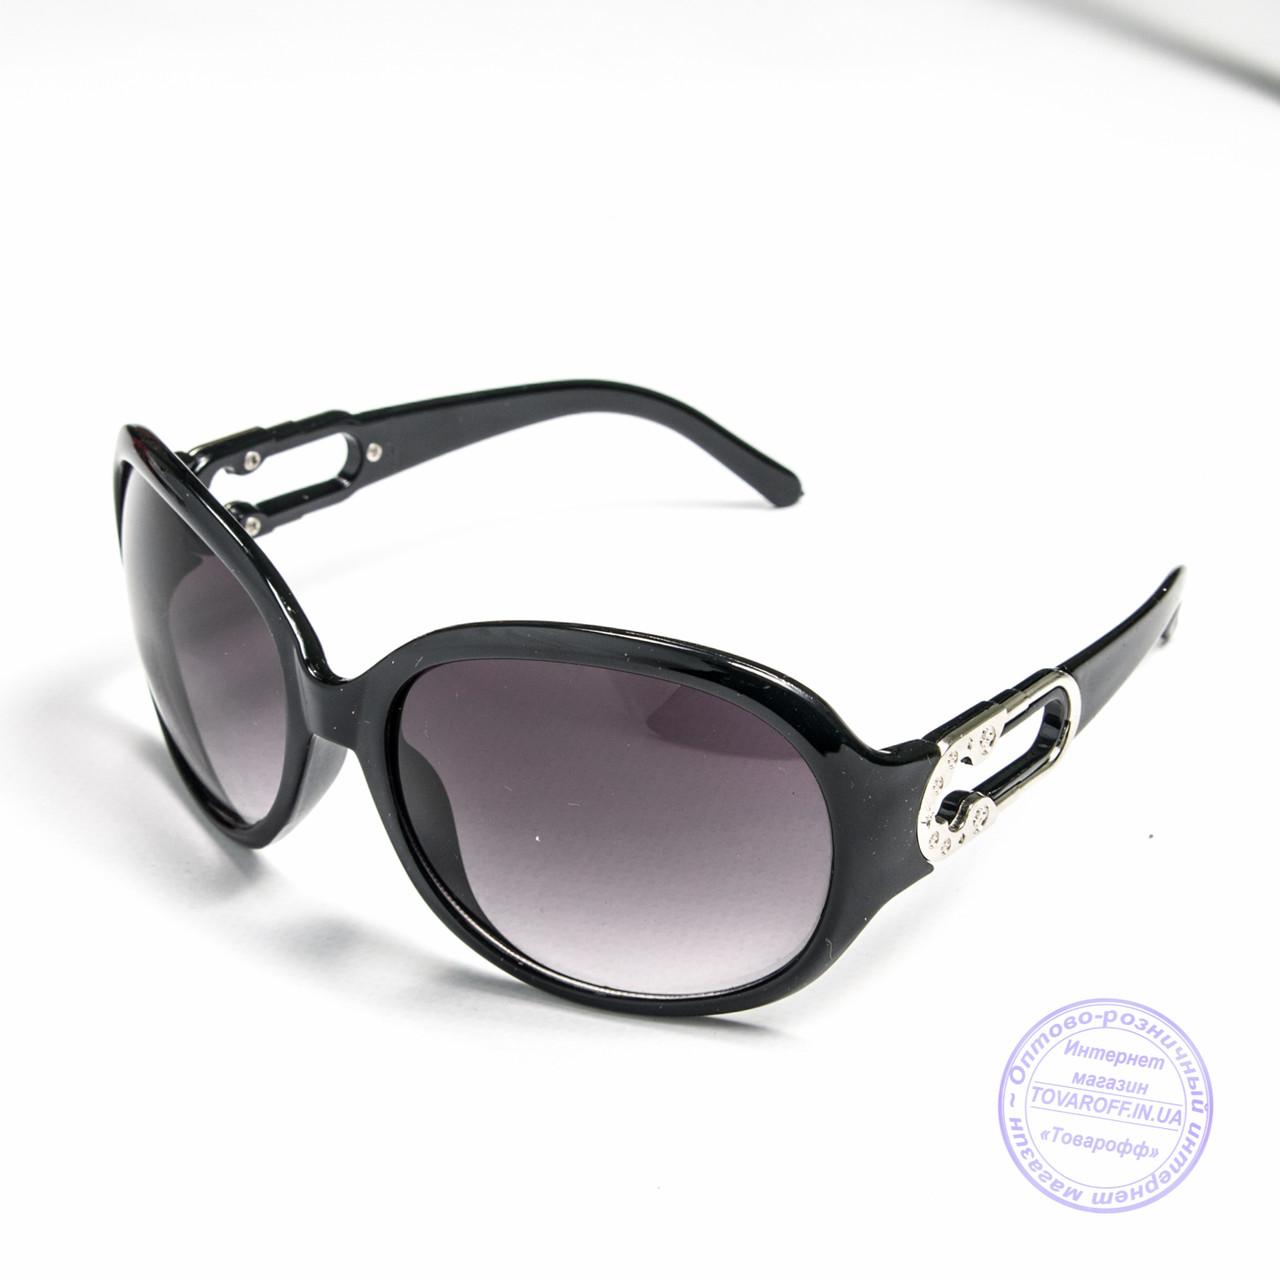 Дешевые солнцезащитные очки оптом - Черные - X-76 - купить по лучшей ... c75717c54ebf6